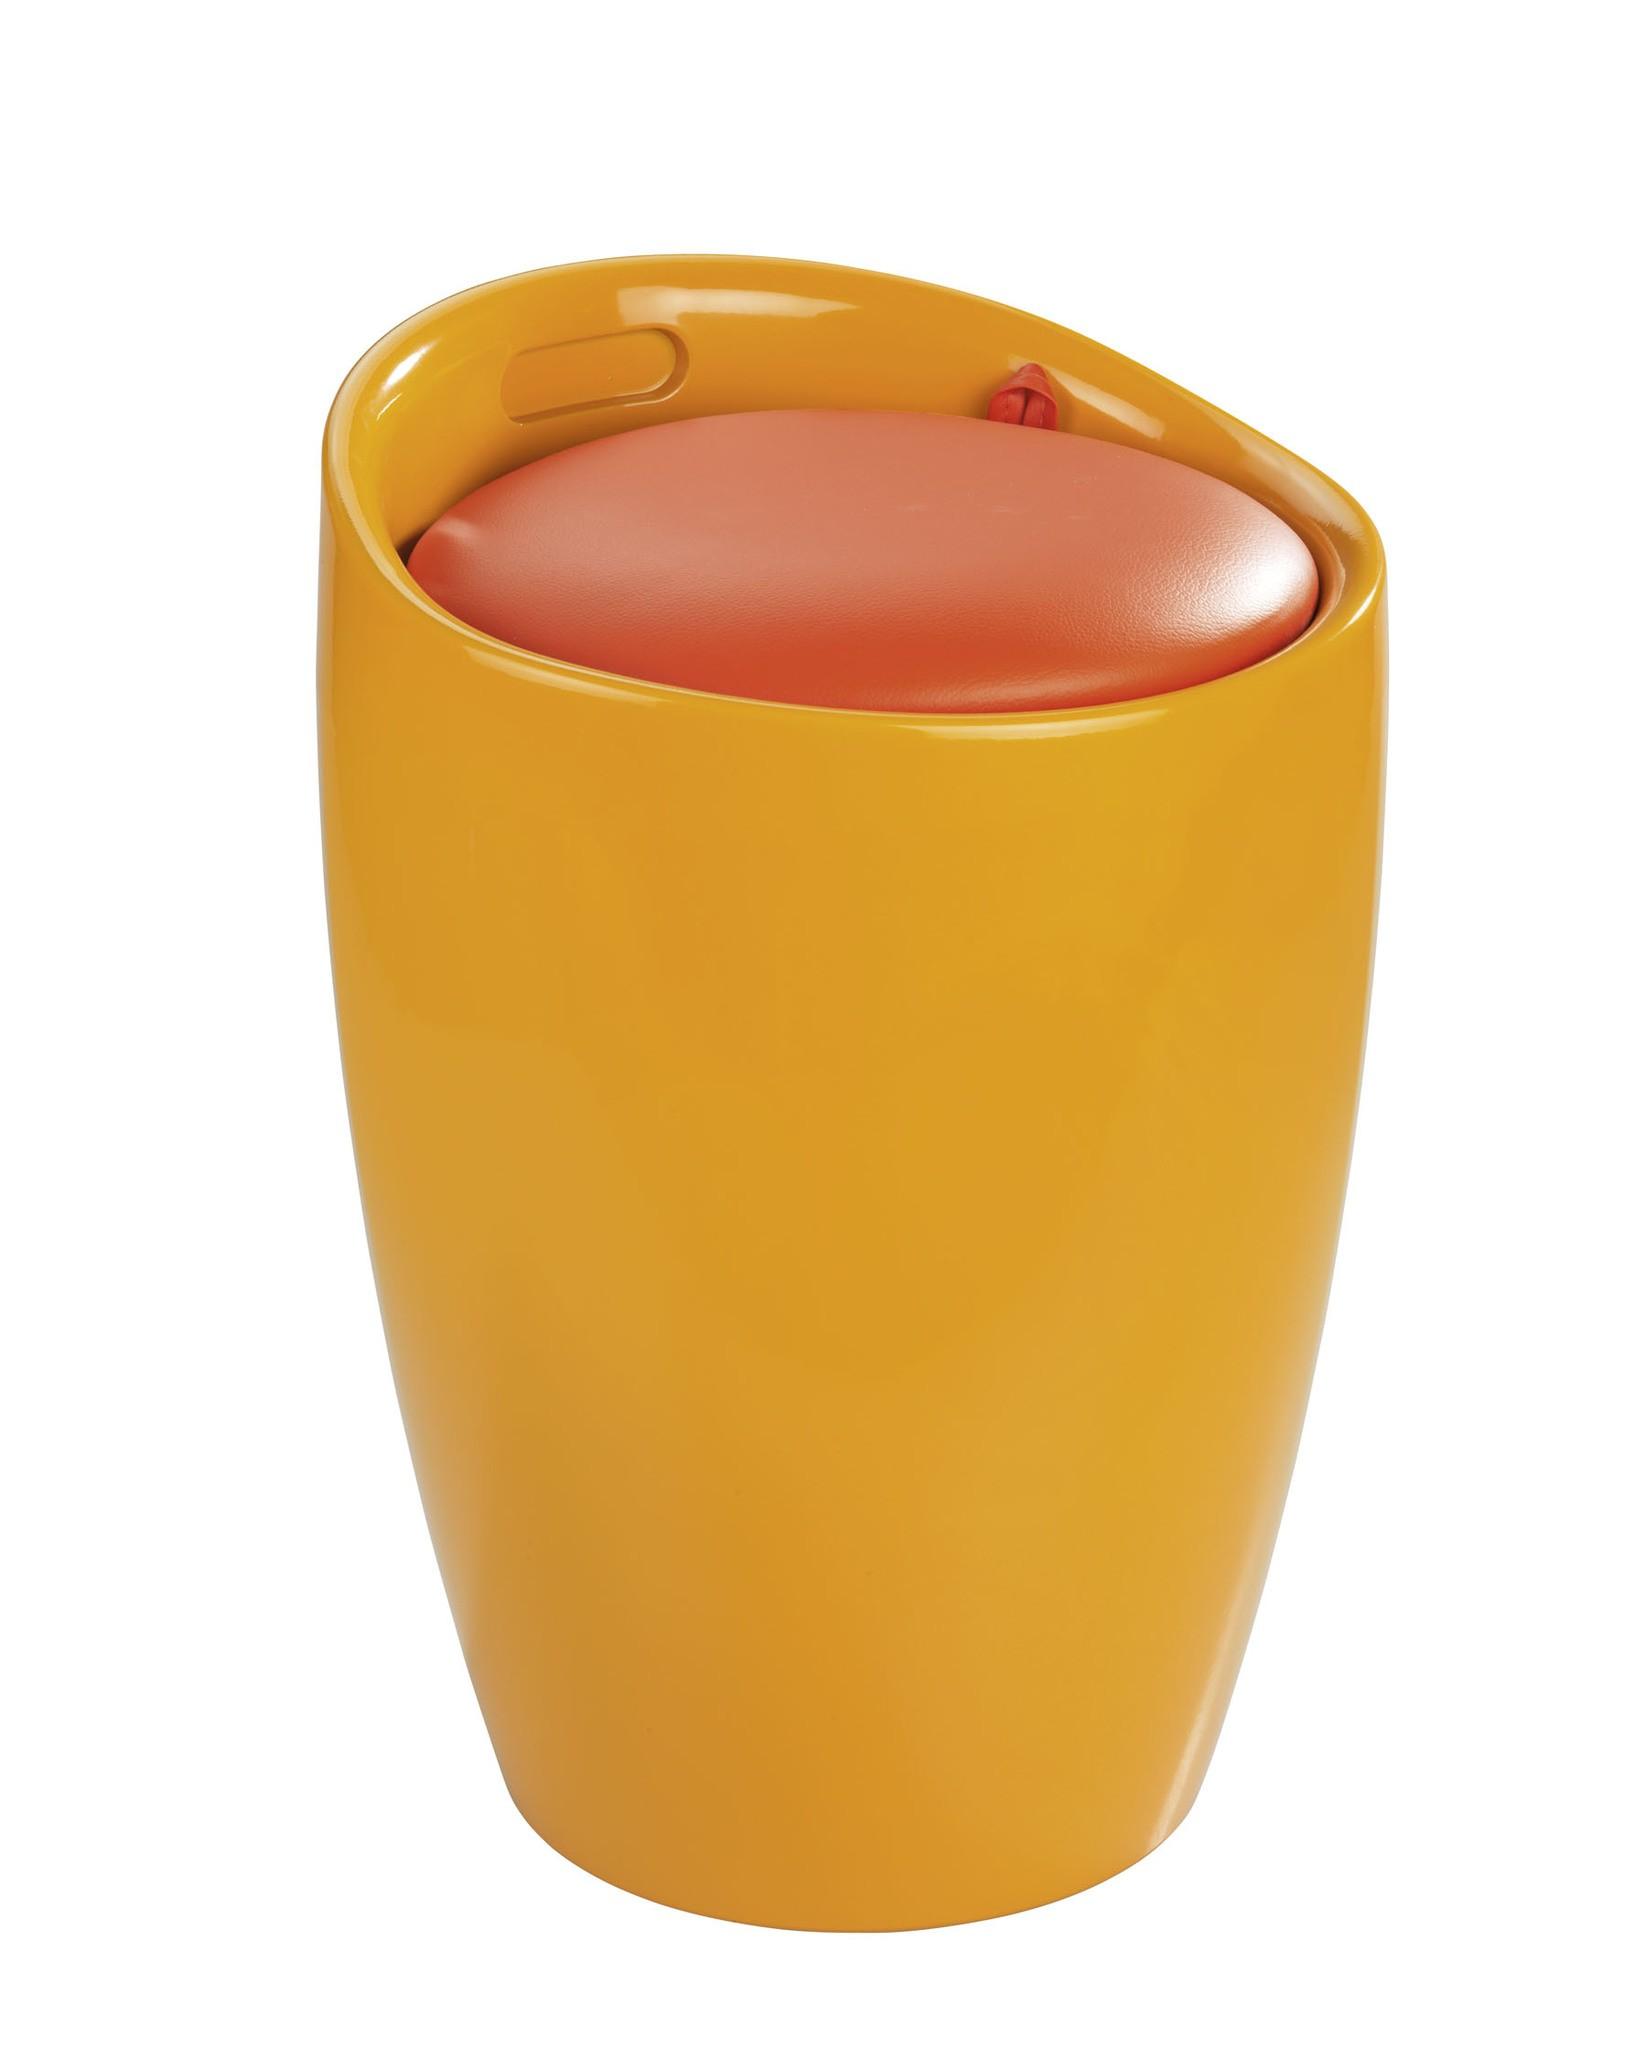 Wenko Hocker Candy Orange, Badhocker, mit abnehmbarem Wäschesack